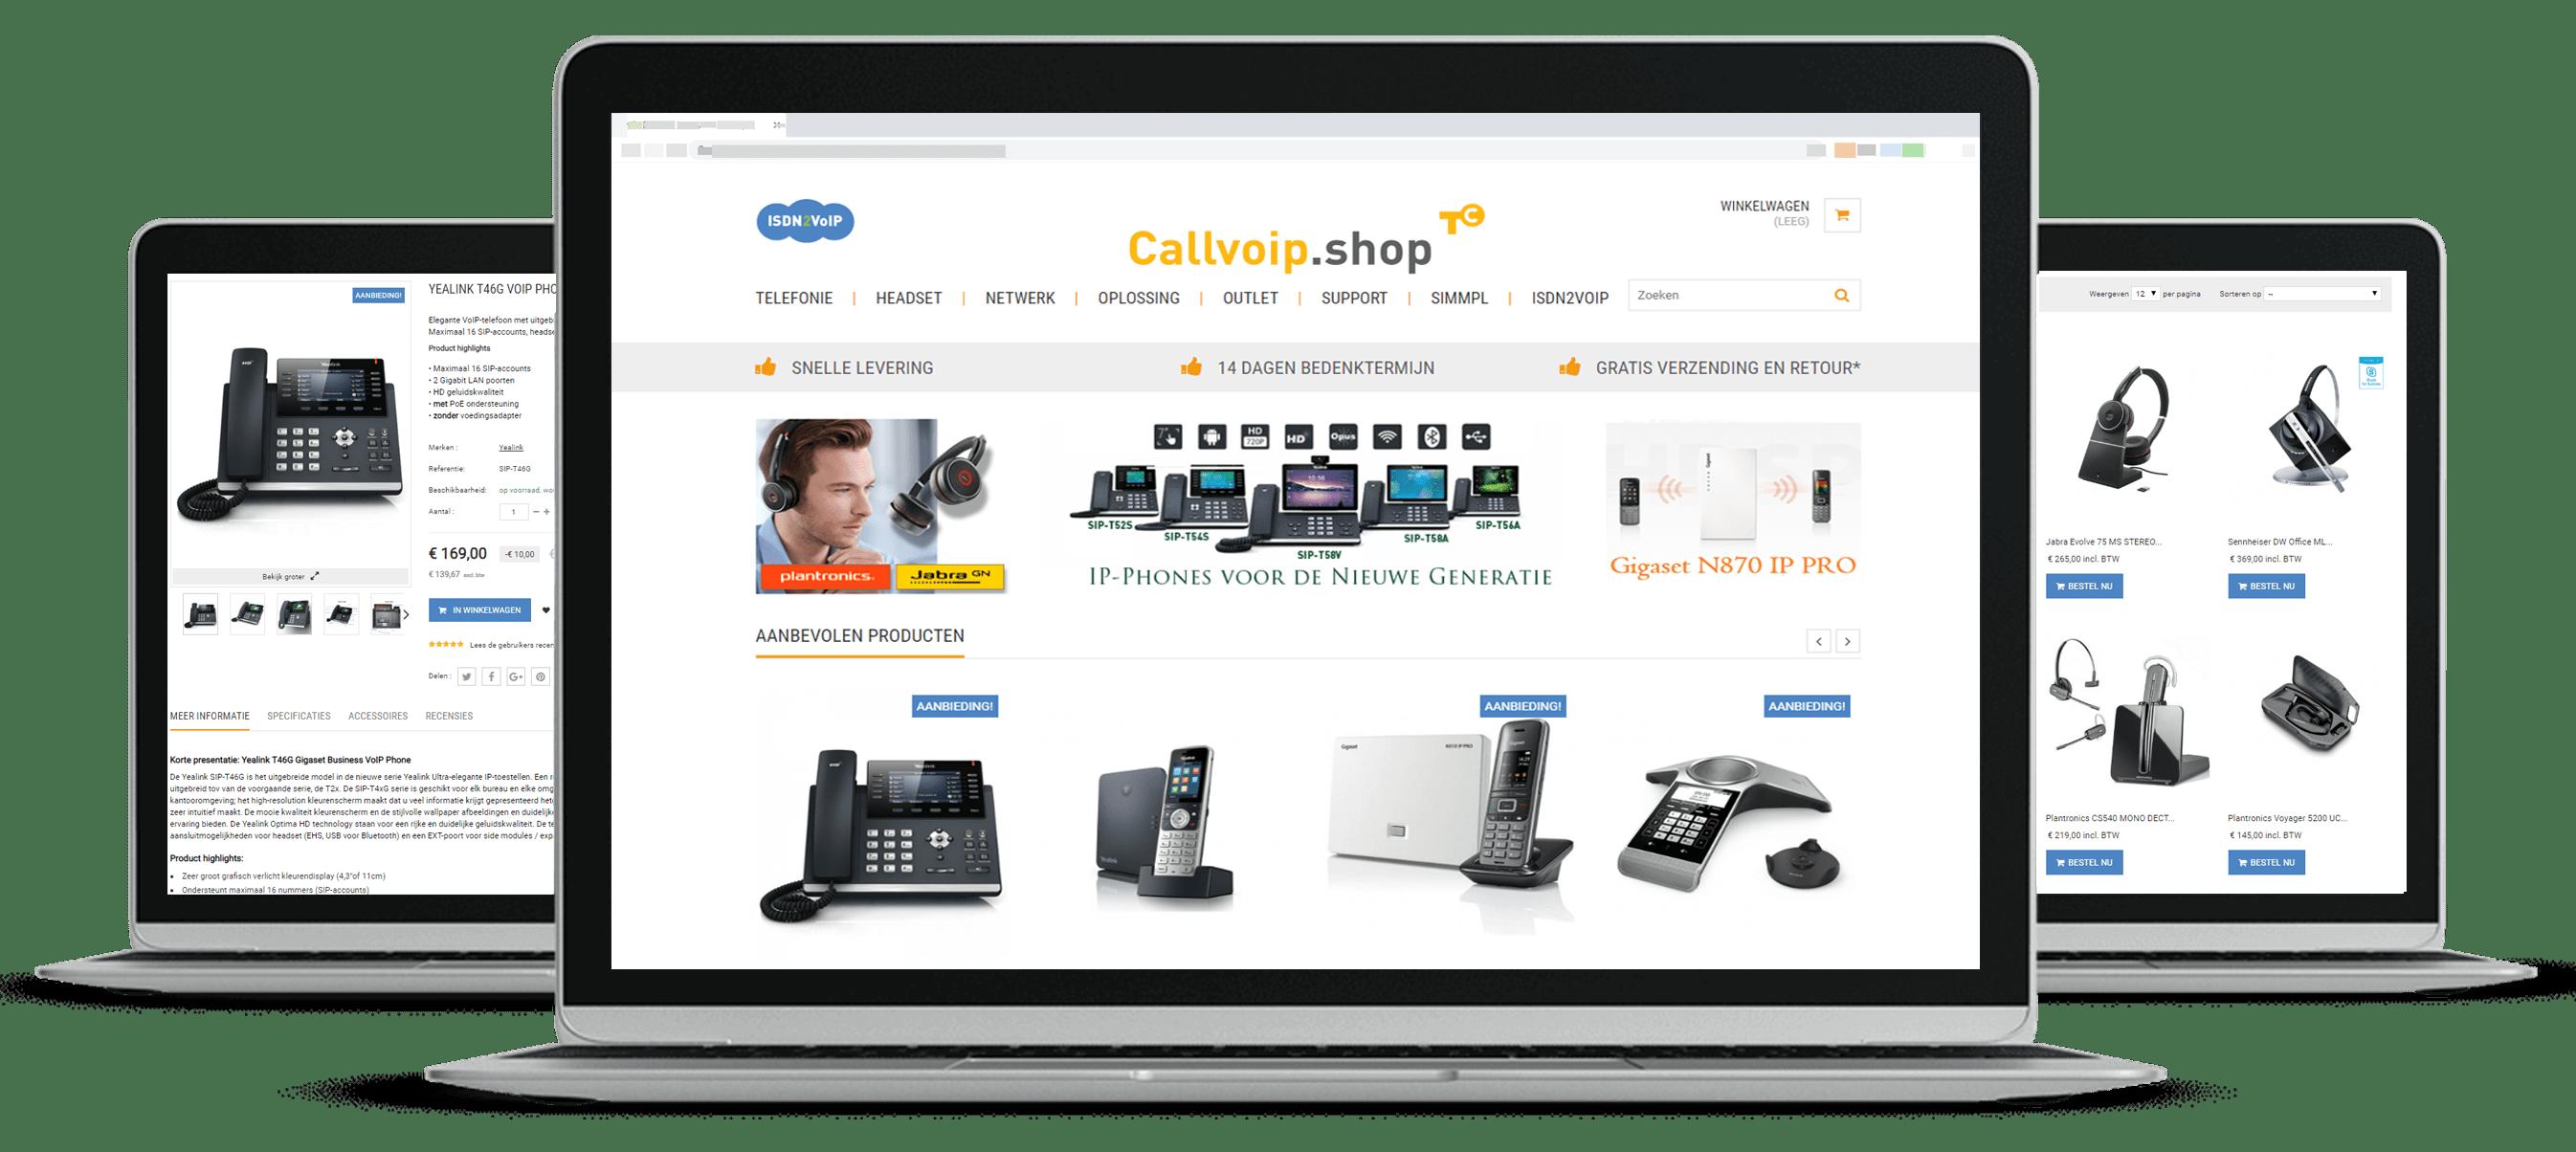 Callvoip.shop